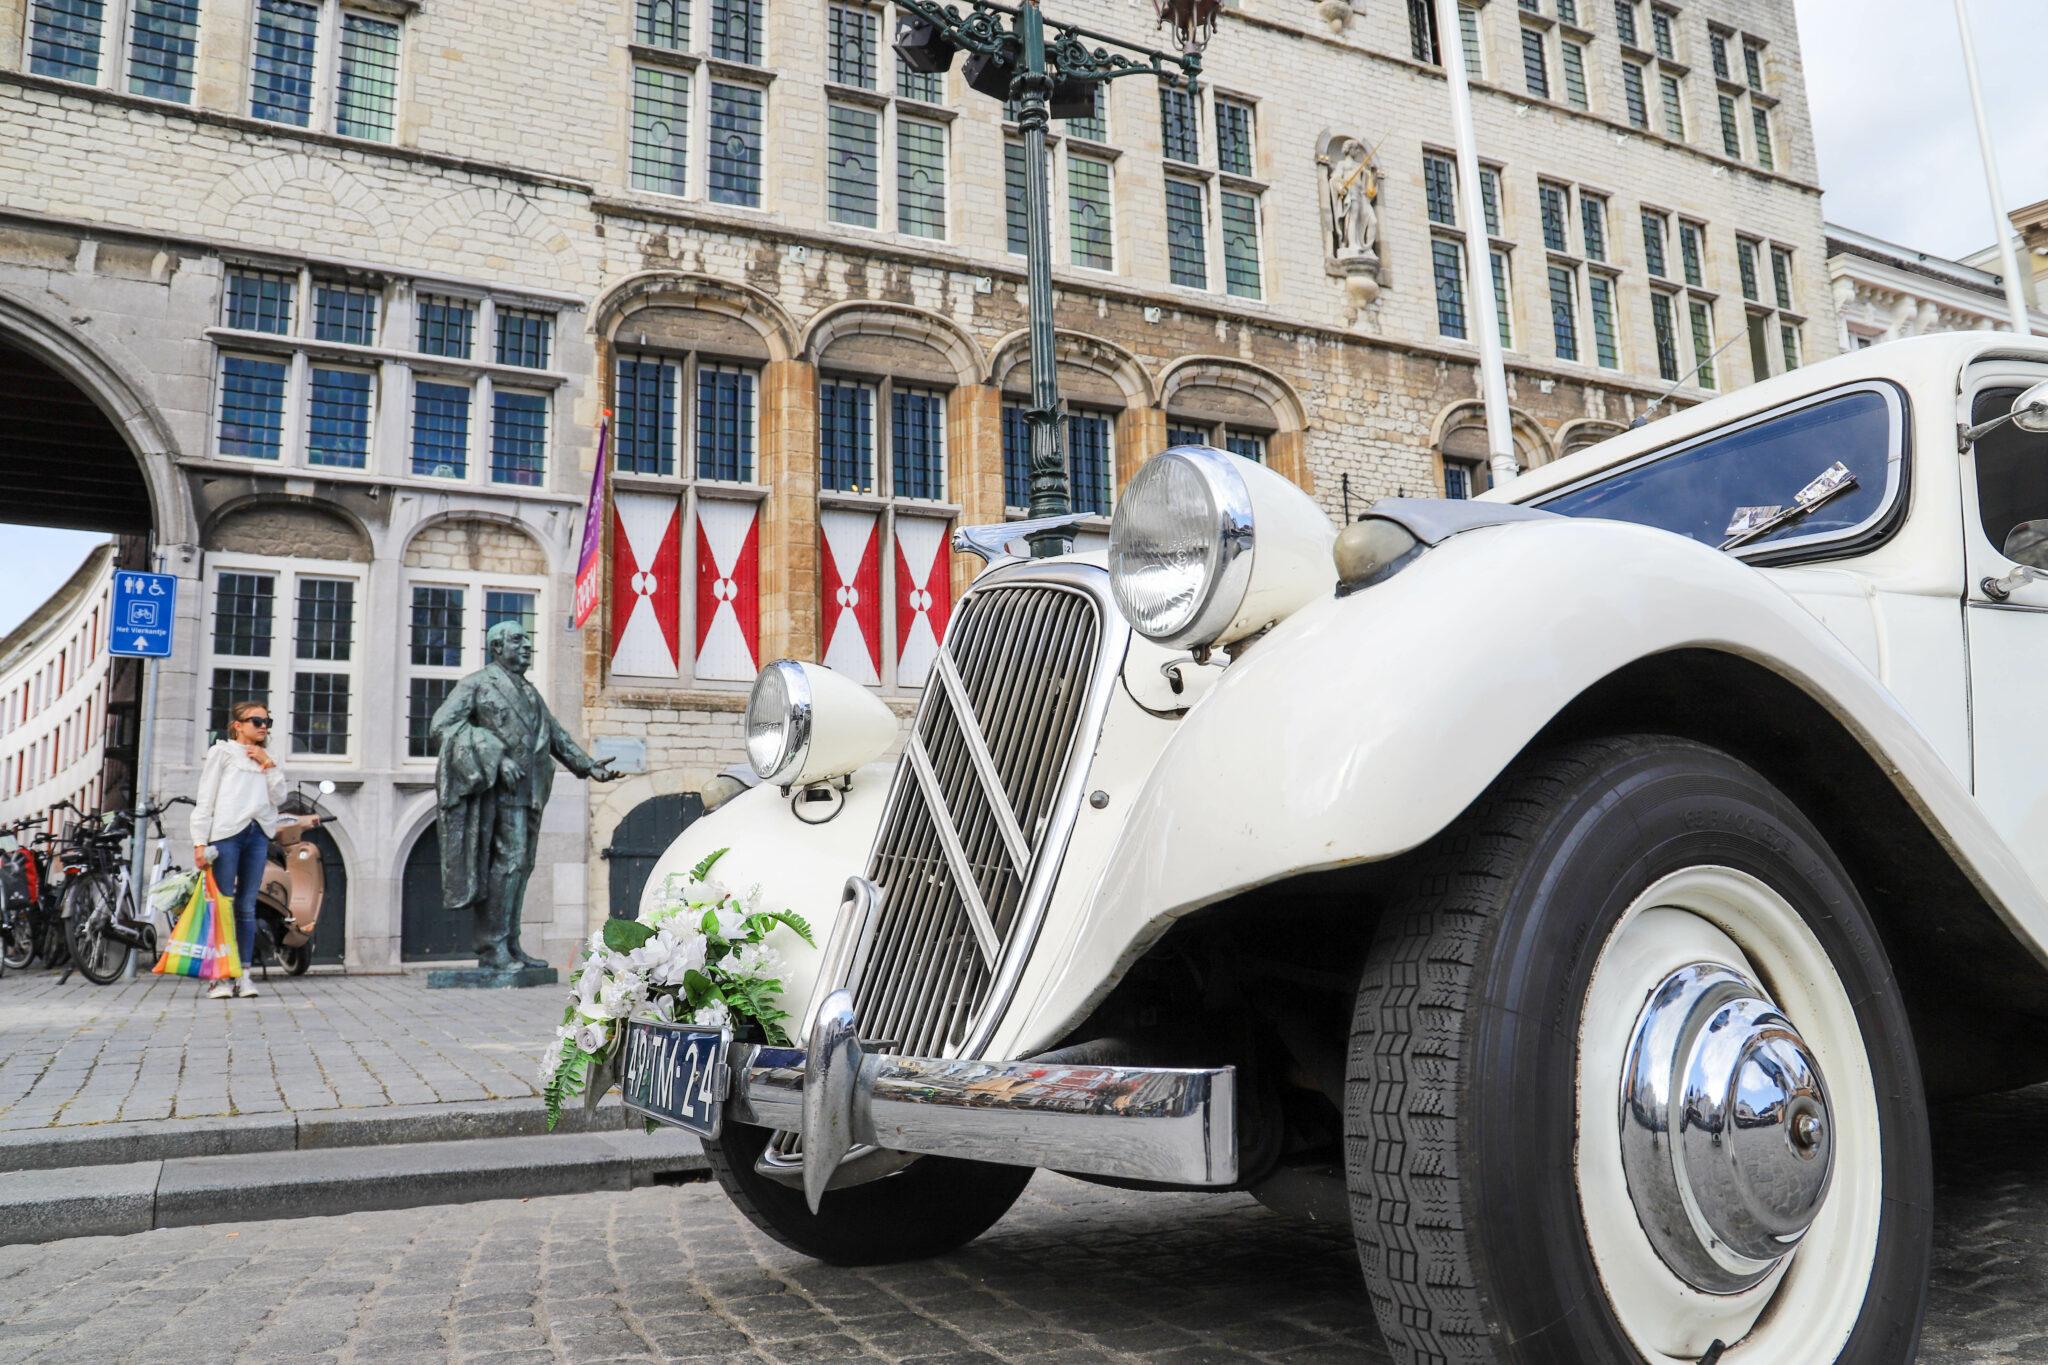 kosten trouwlocaties Bergen op Zoom Huwelijk oldtimer auto stadhuis grote markt trouwen